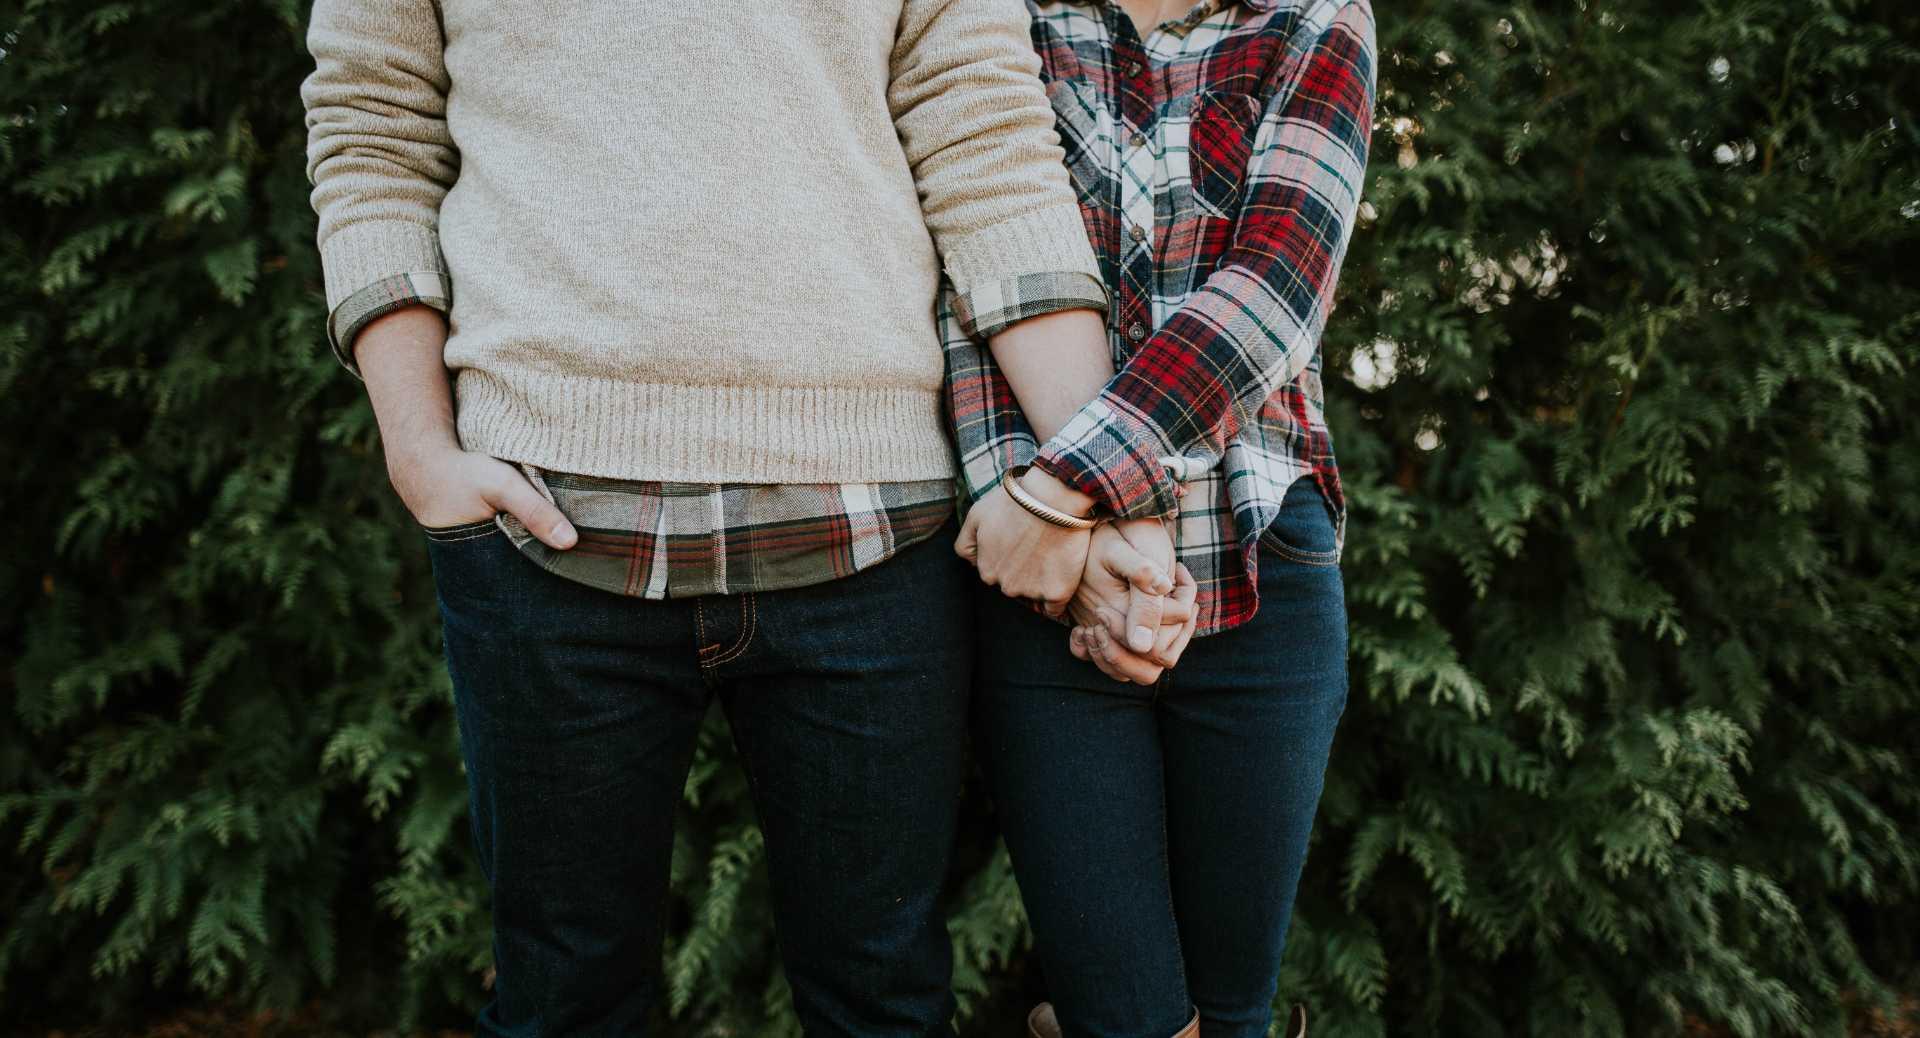 【まとめ】クリスチャン夫婦がオススメする夫婦関係を深めるポイントや方法